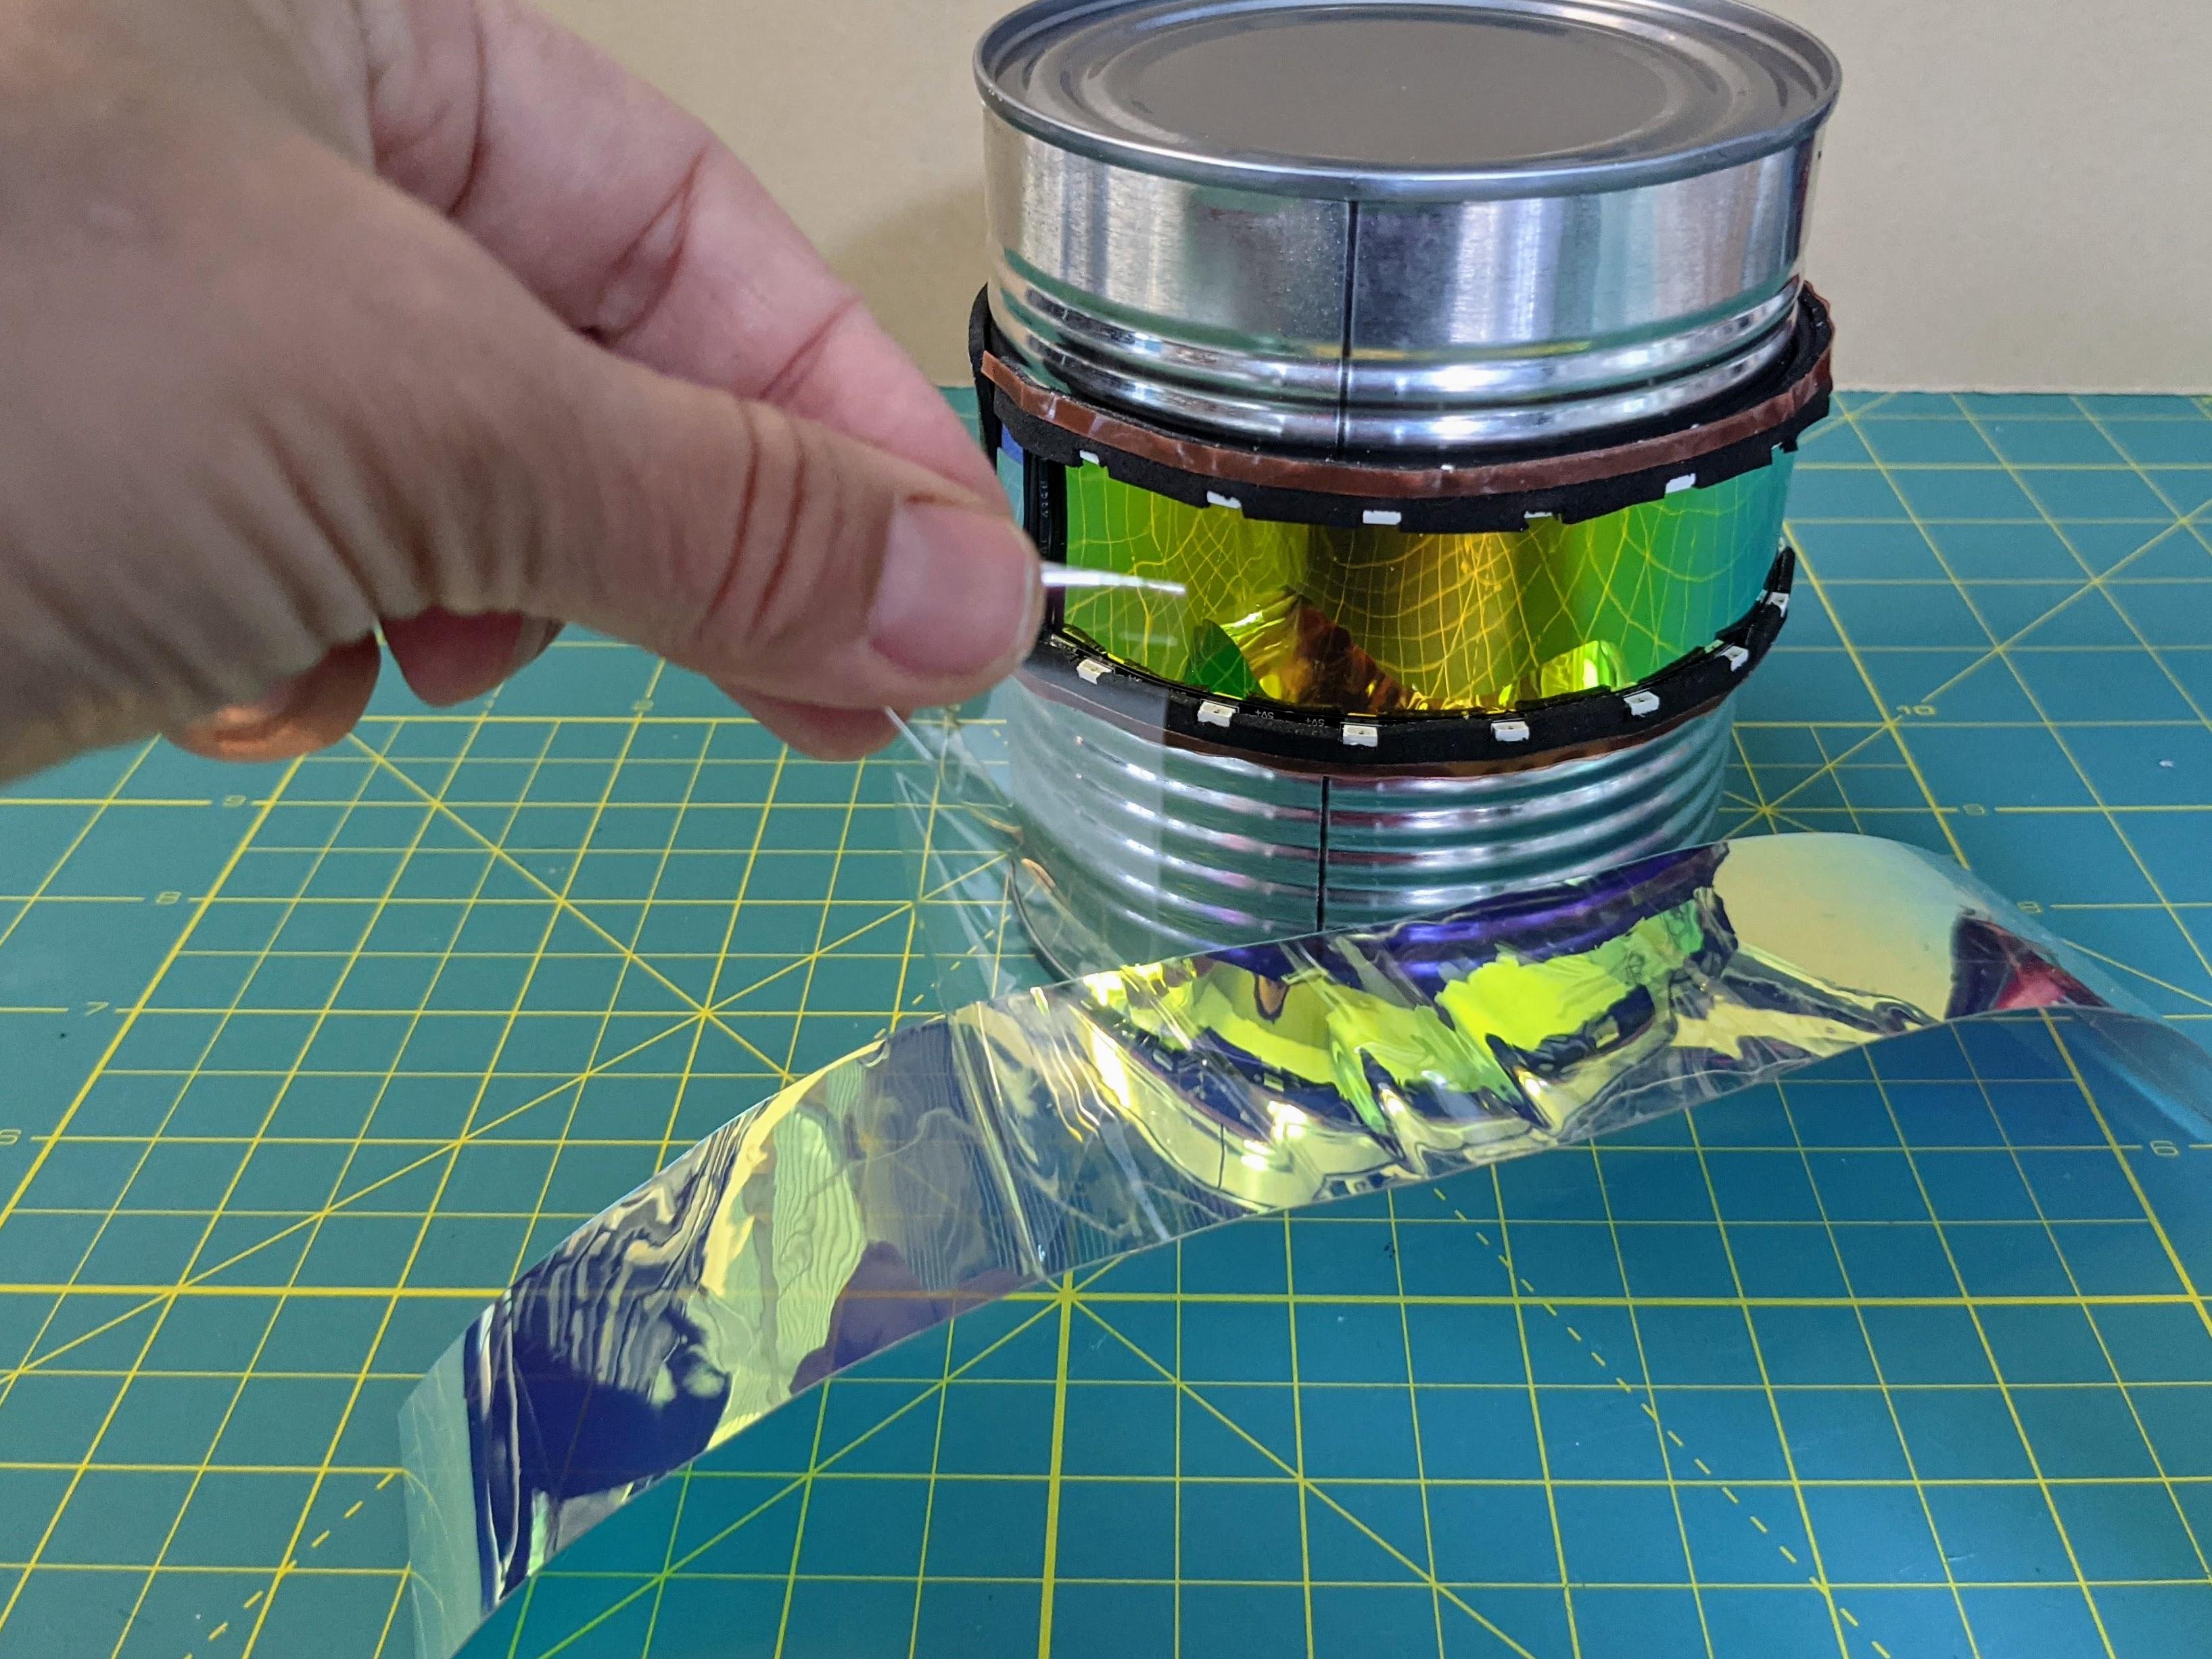 led_strips_PXL_20210125_194315170.jpg